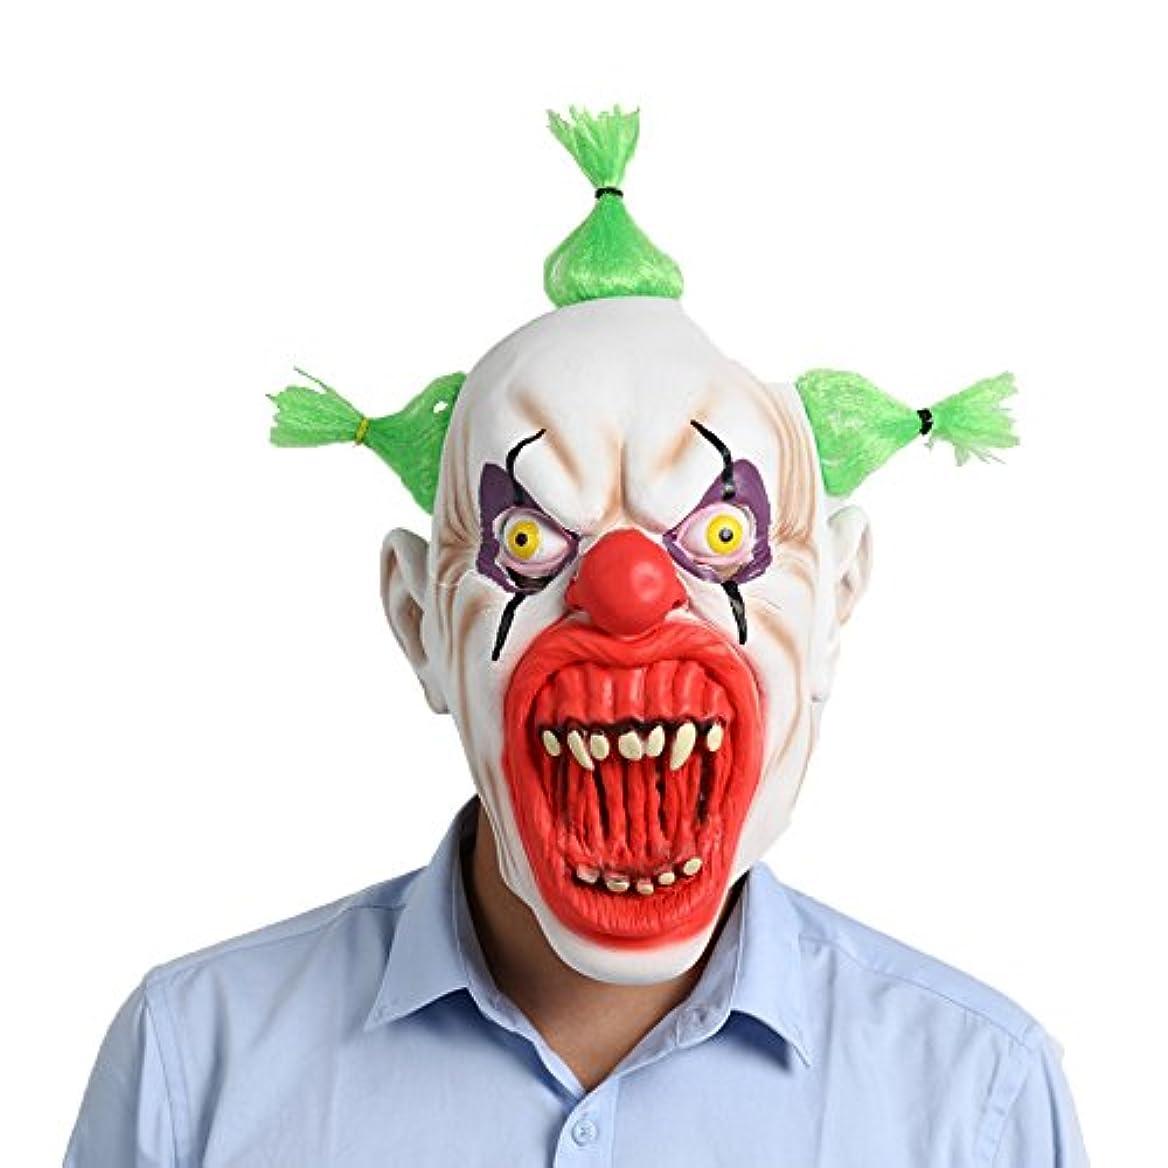 遅い代数ウッズハロウィーンパーティー用品ラテックスマスクピエロマスクハロウィーン怖いフェイスマスク